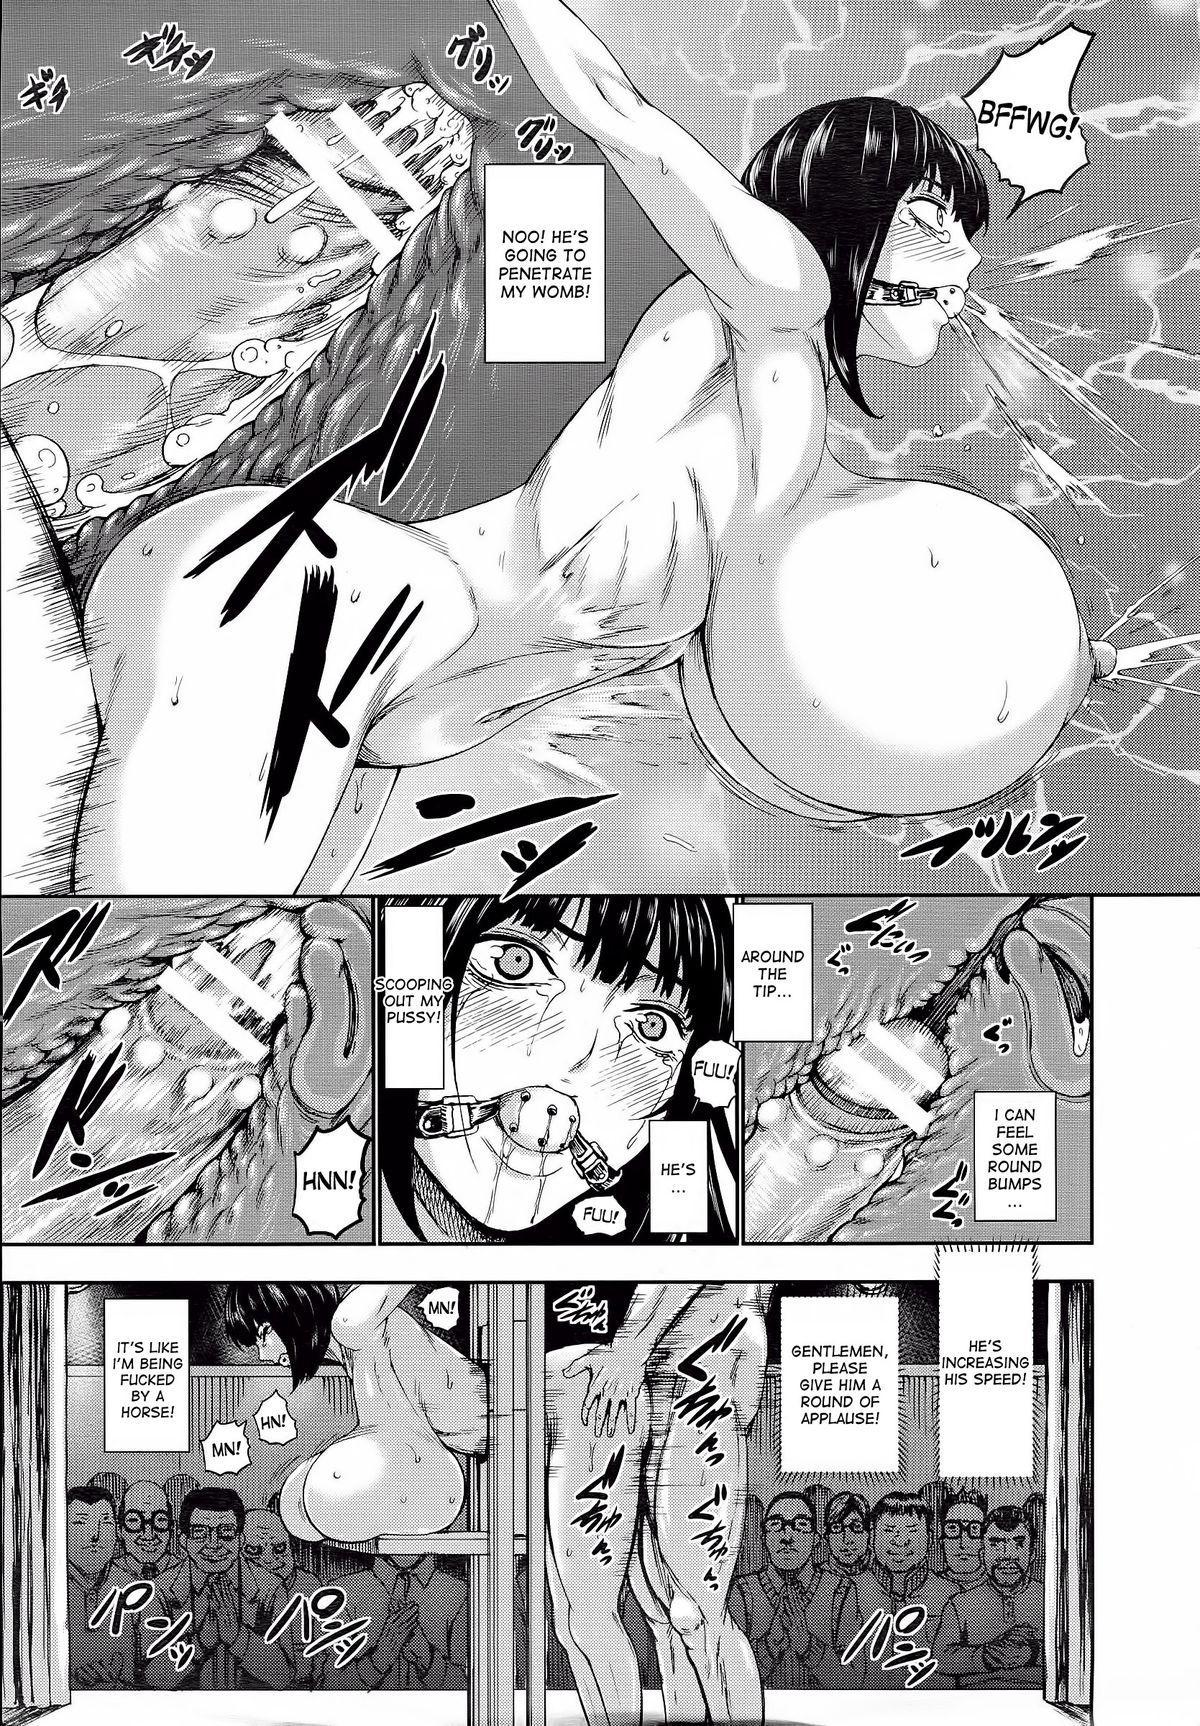 [PIero] Kuroyuki ~Inniku Sakunyuu Jigoku~ Kouhen | Black Snow ~The Depraved Cow-milking Hell~ part 2 (ANGEL Club 2015-05) [English] [desudesu] 14